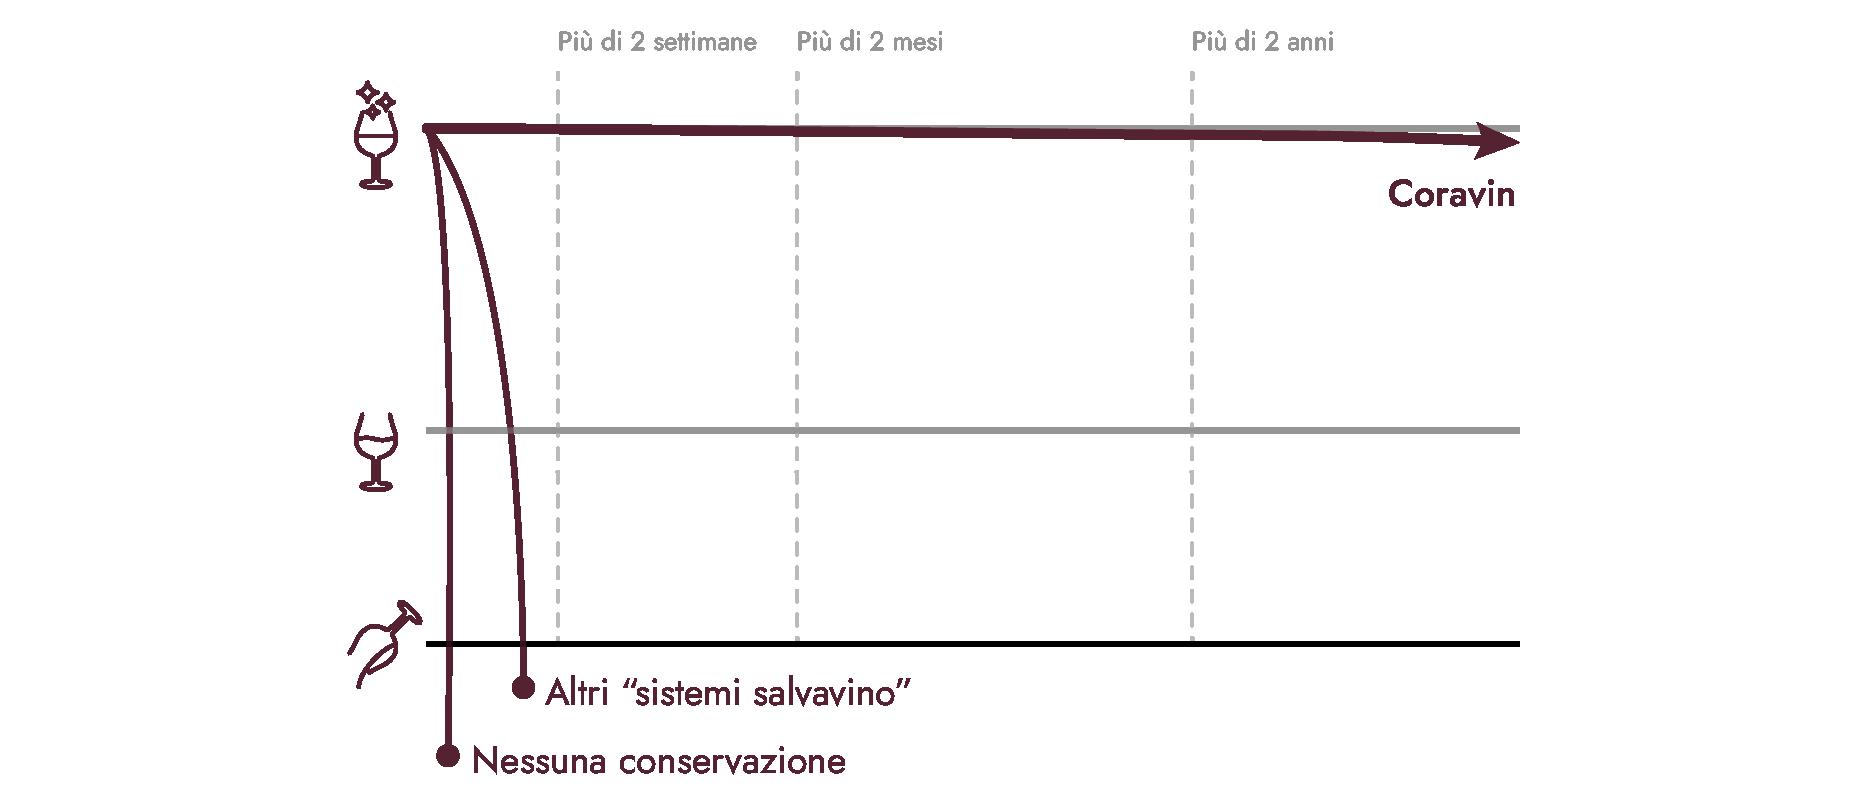 Grafico che mostra la durata di conservazione del vino di Coravin rispetto ad altre opzioni.